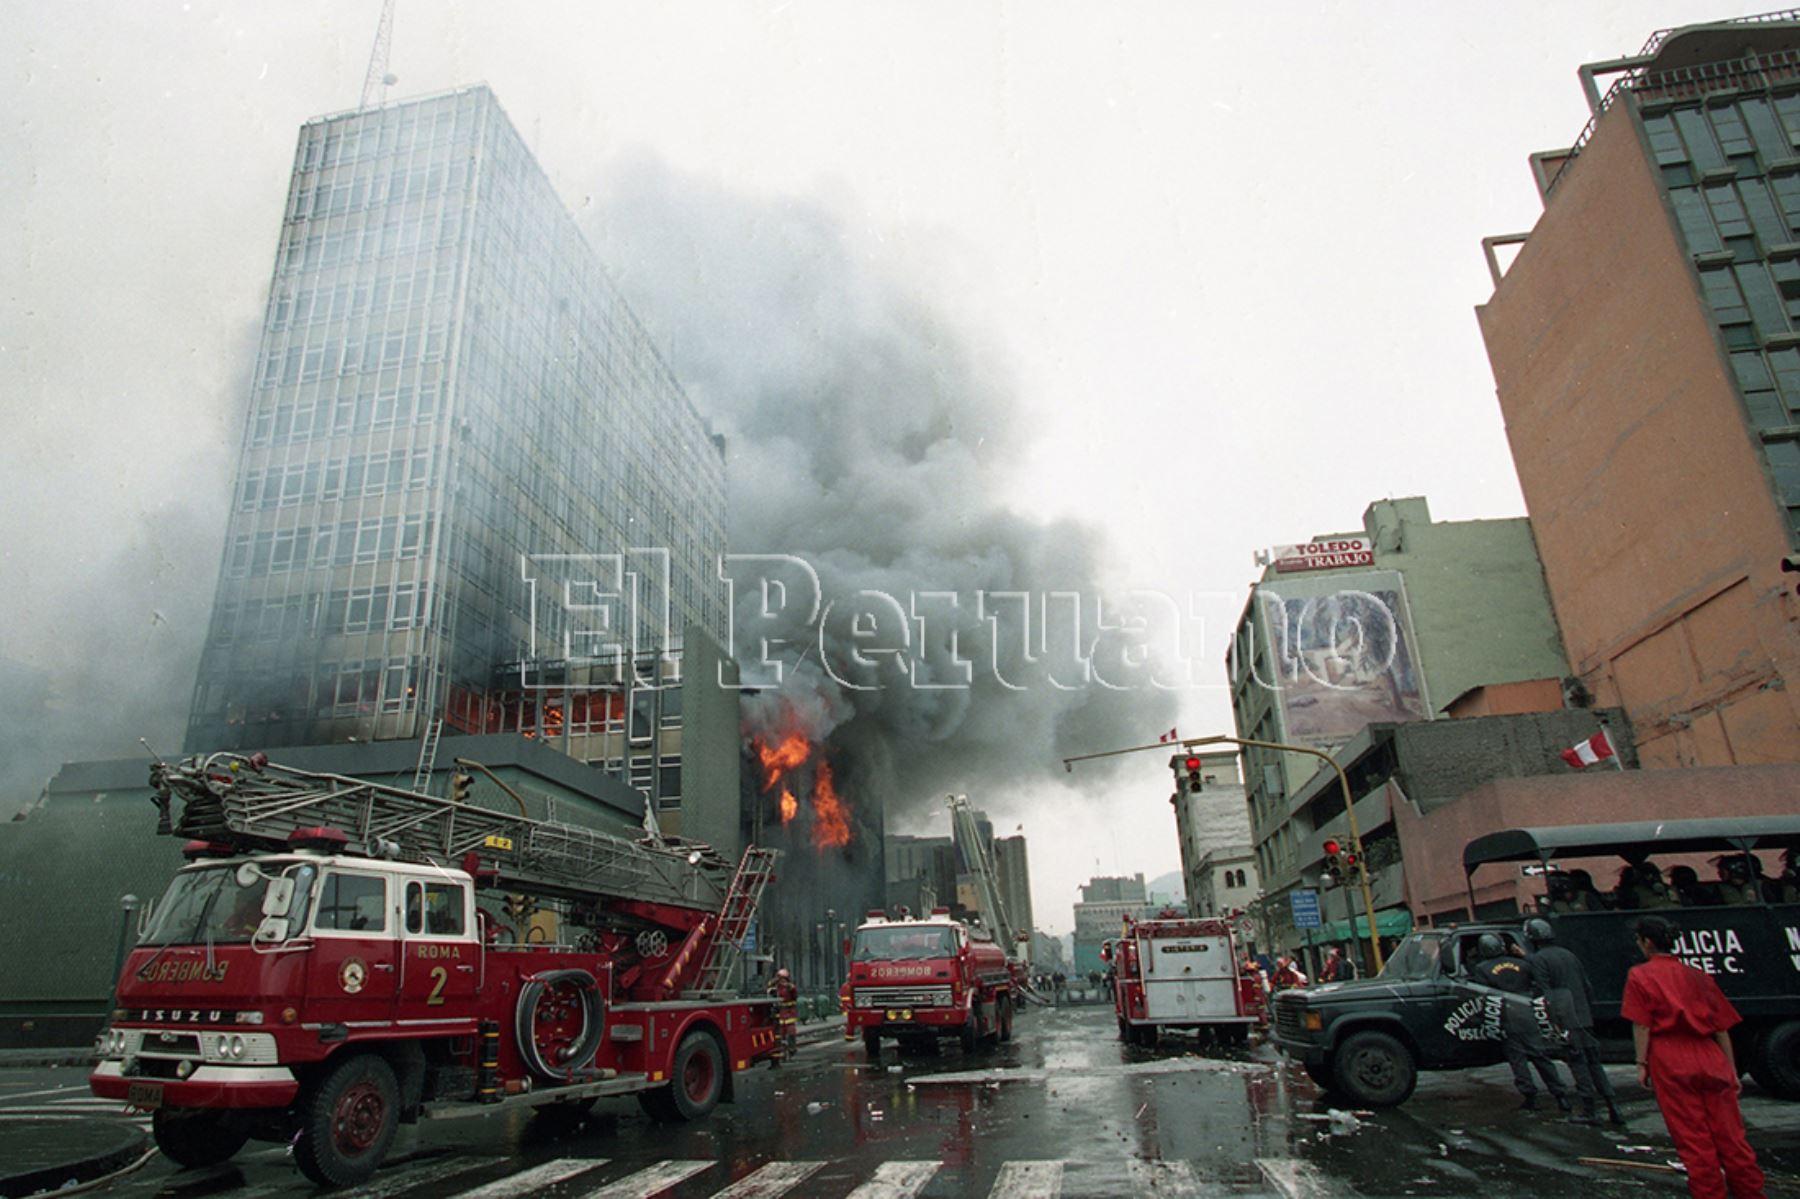 Lima - 28 julio 2000 / Bomberos intentan apagar el incendio en el  Banco de la Nación. Foto: Archivo Histórico de EL PERUANO / Christian Bernuy